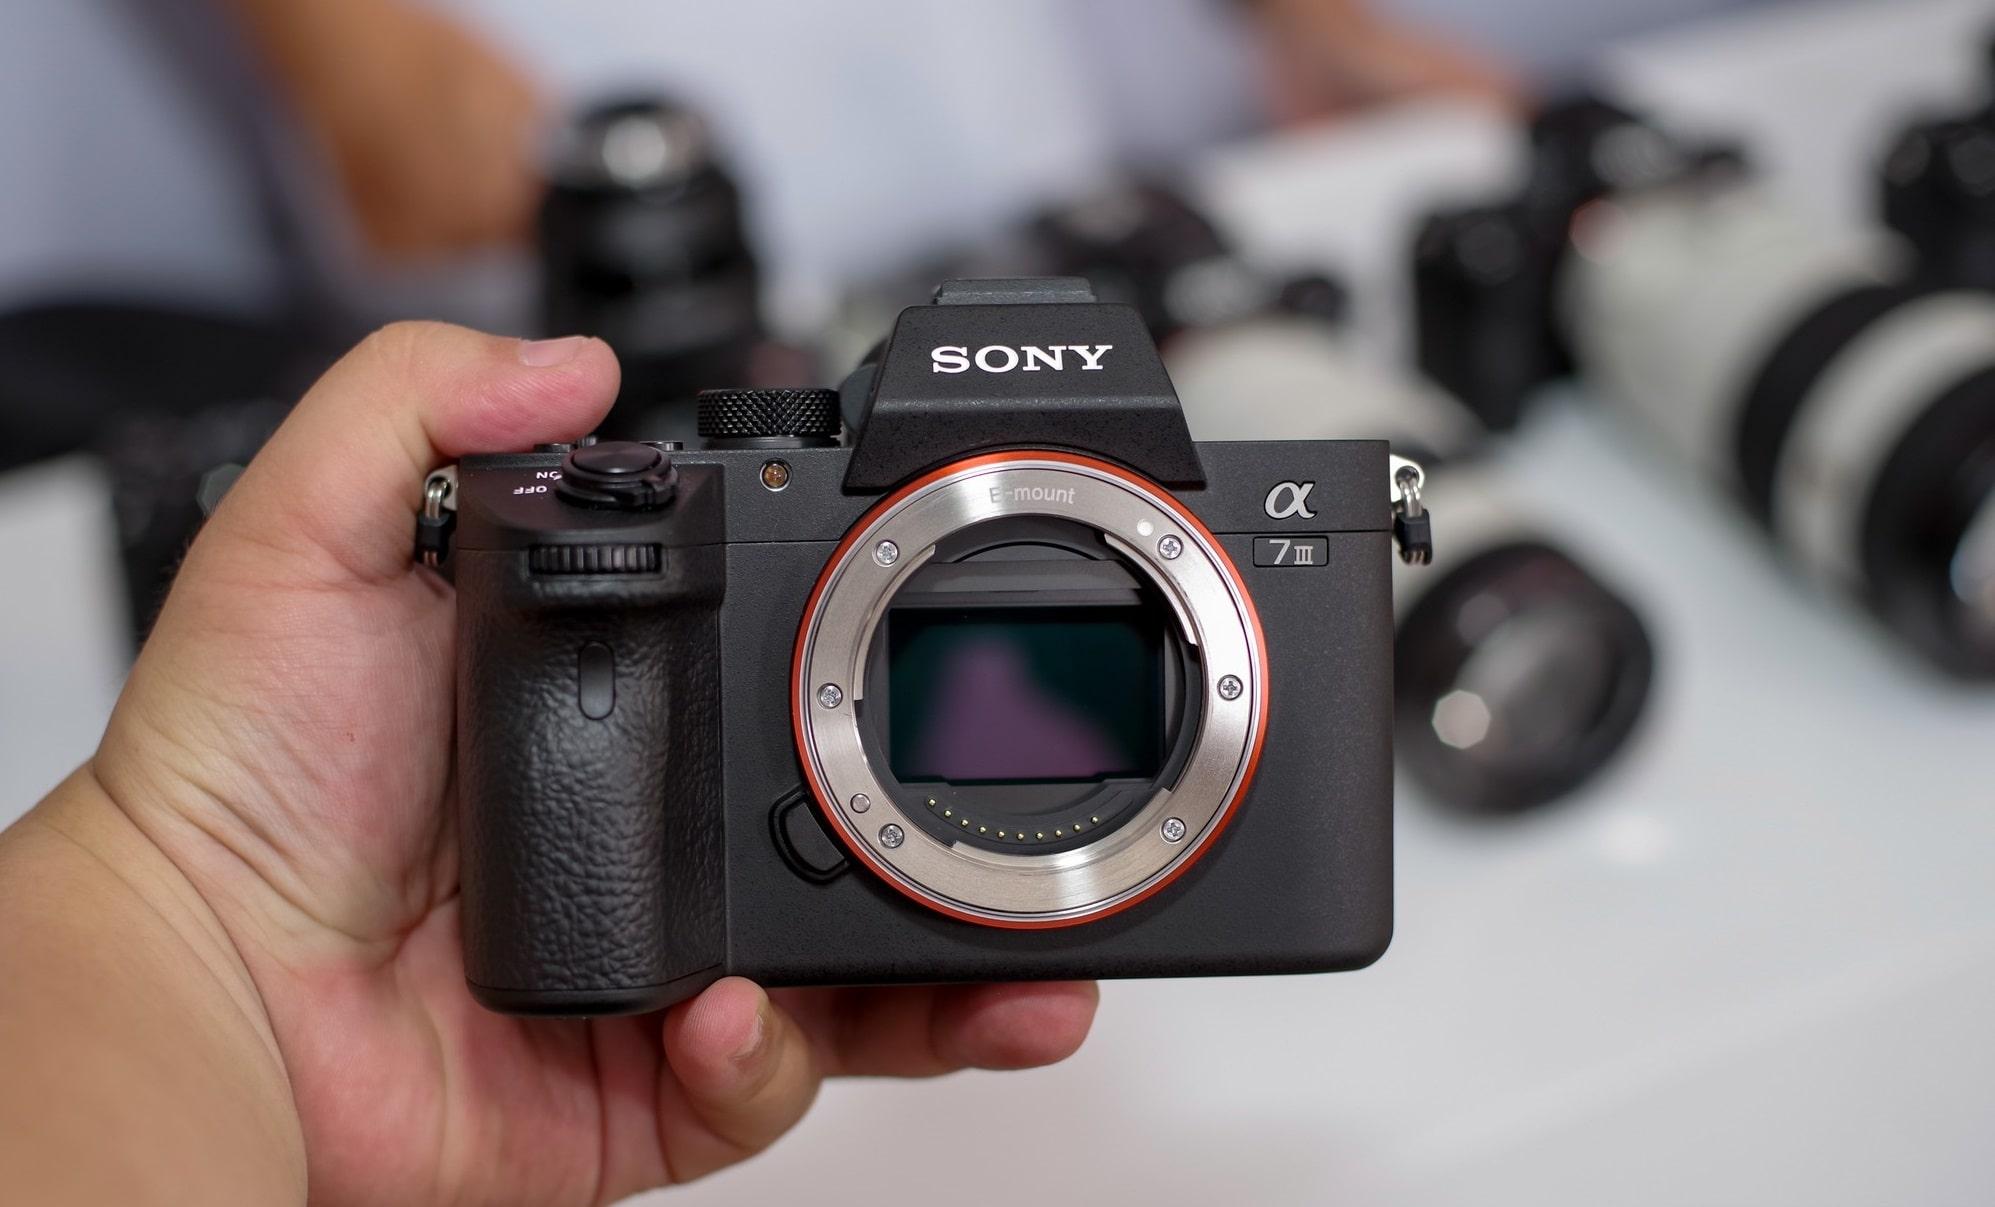 Phú Quang Camera – Cửa Hàng Bán Máy Ảnh Cũ TPHCM